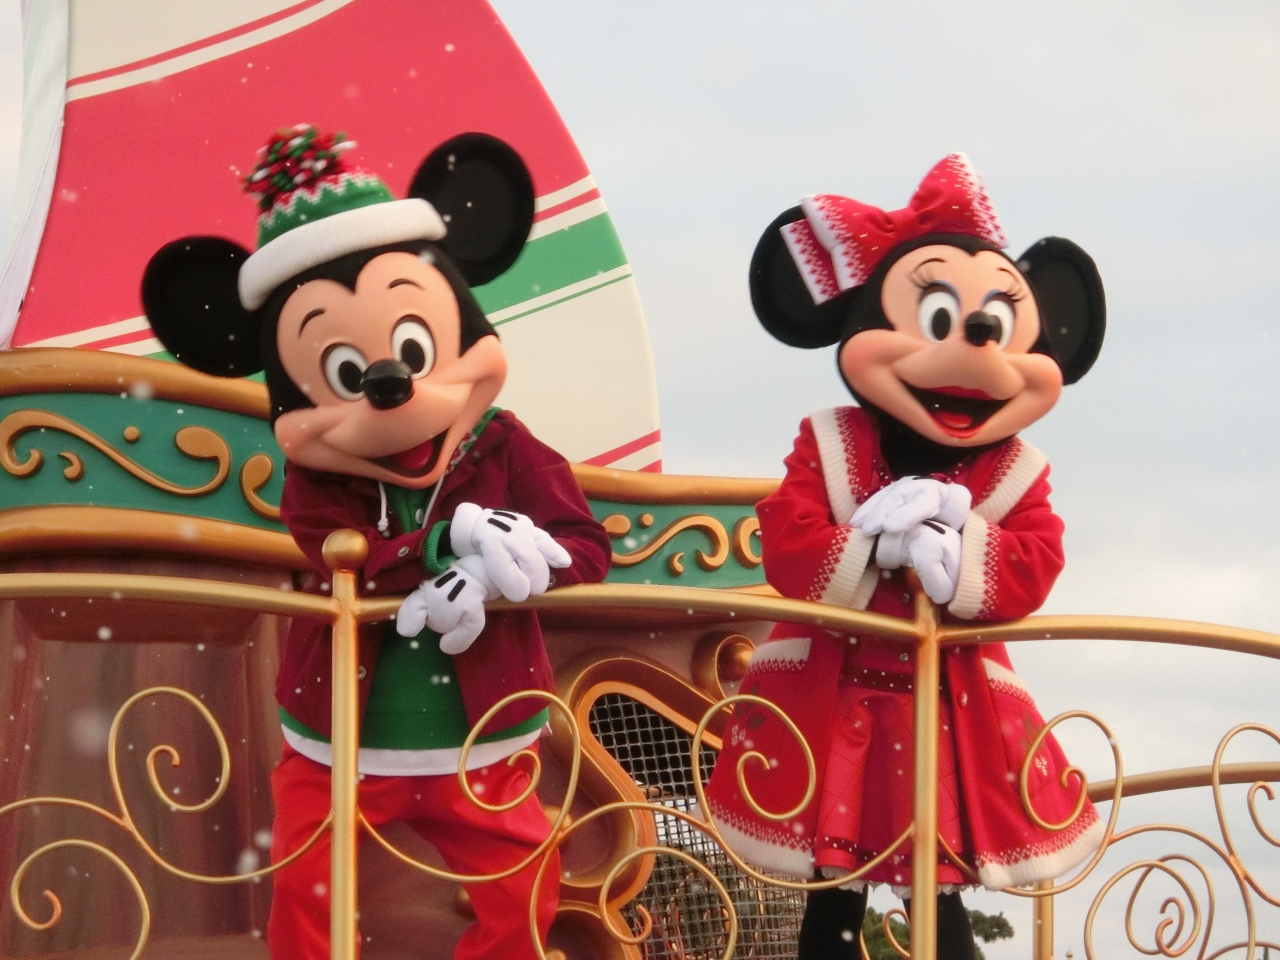 2つのパークで「ディズニー・クリスマス」を楽しむ2days≪2日目≫』東京